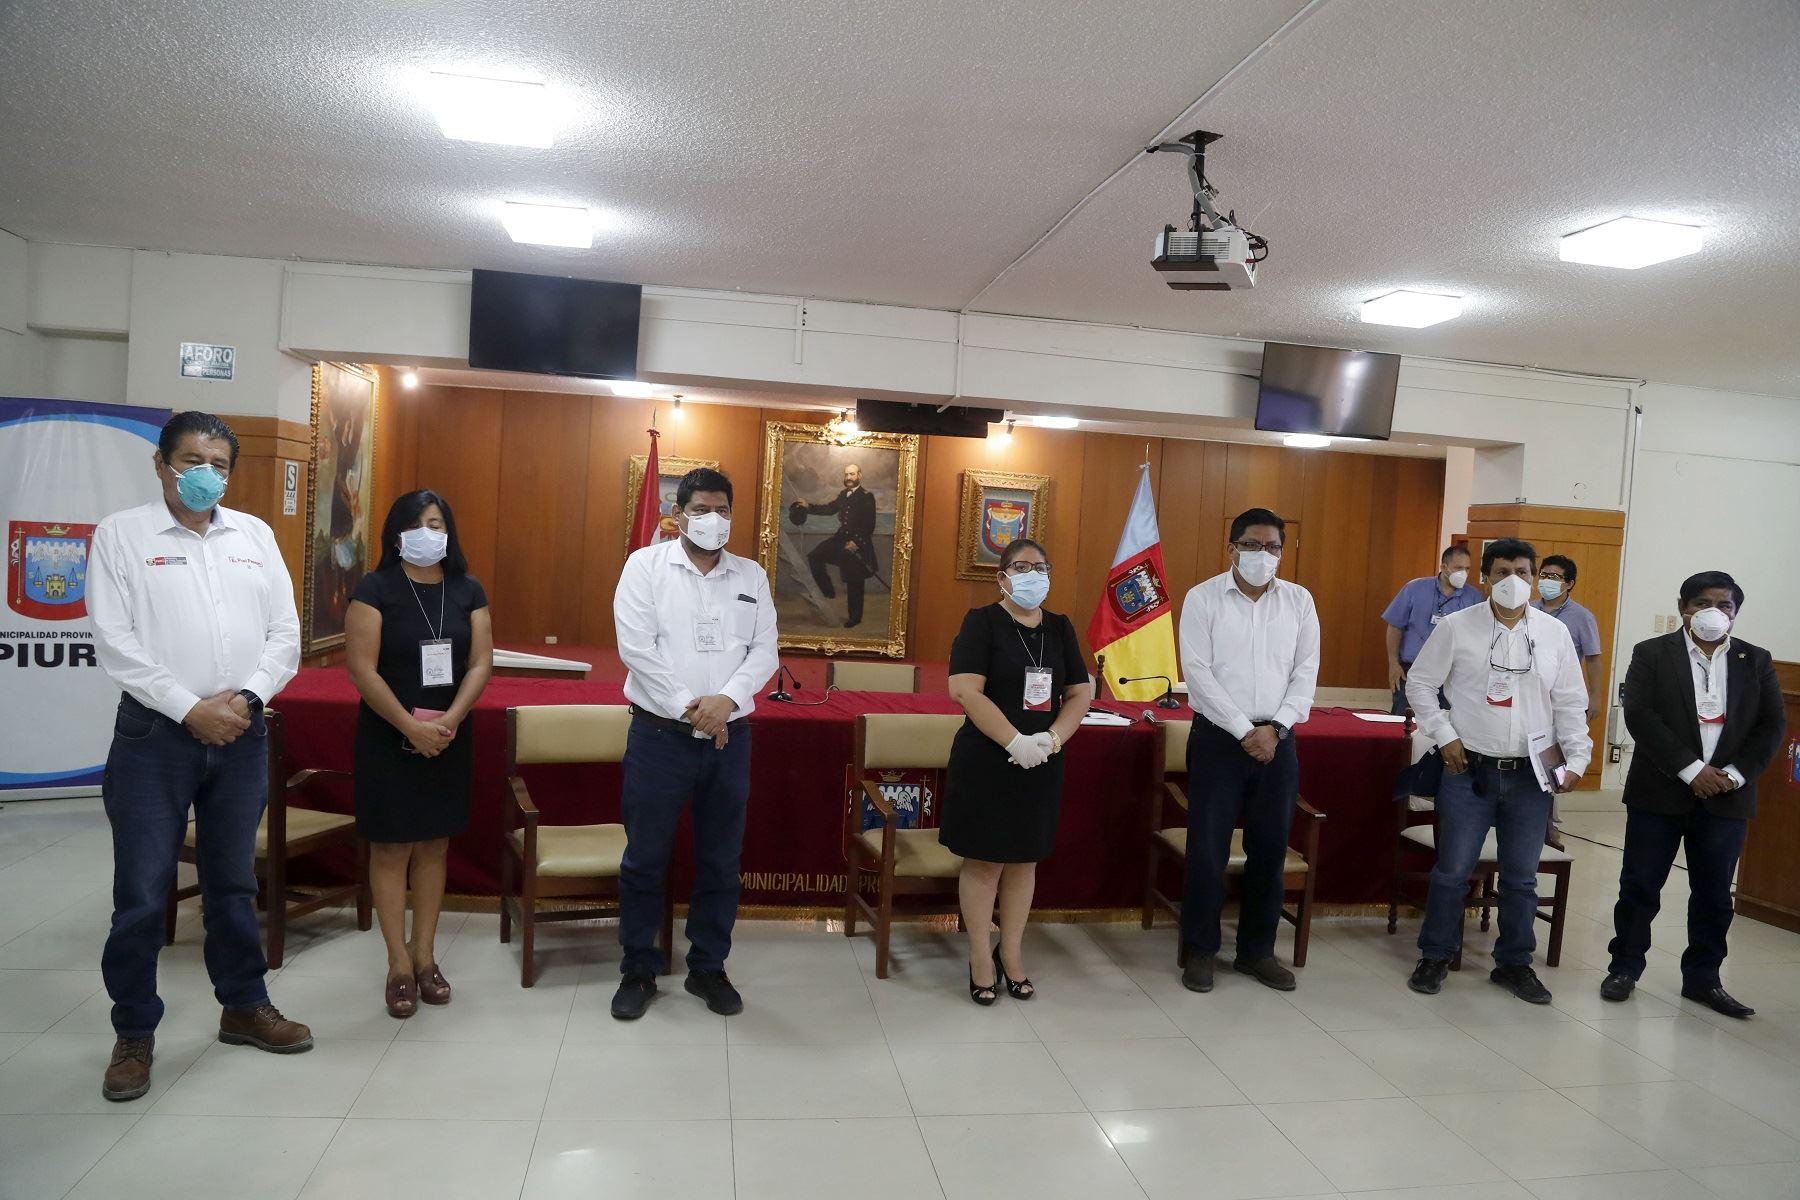 Piura: Ministro Yáñez lleva equipamiento médico y se reúne con autoridades Foto:MVCS